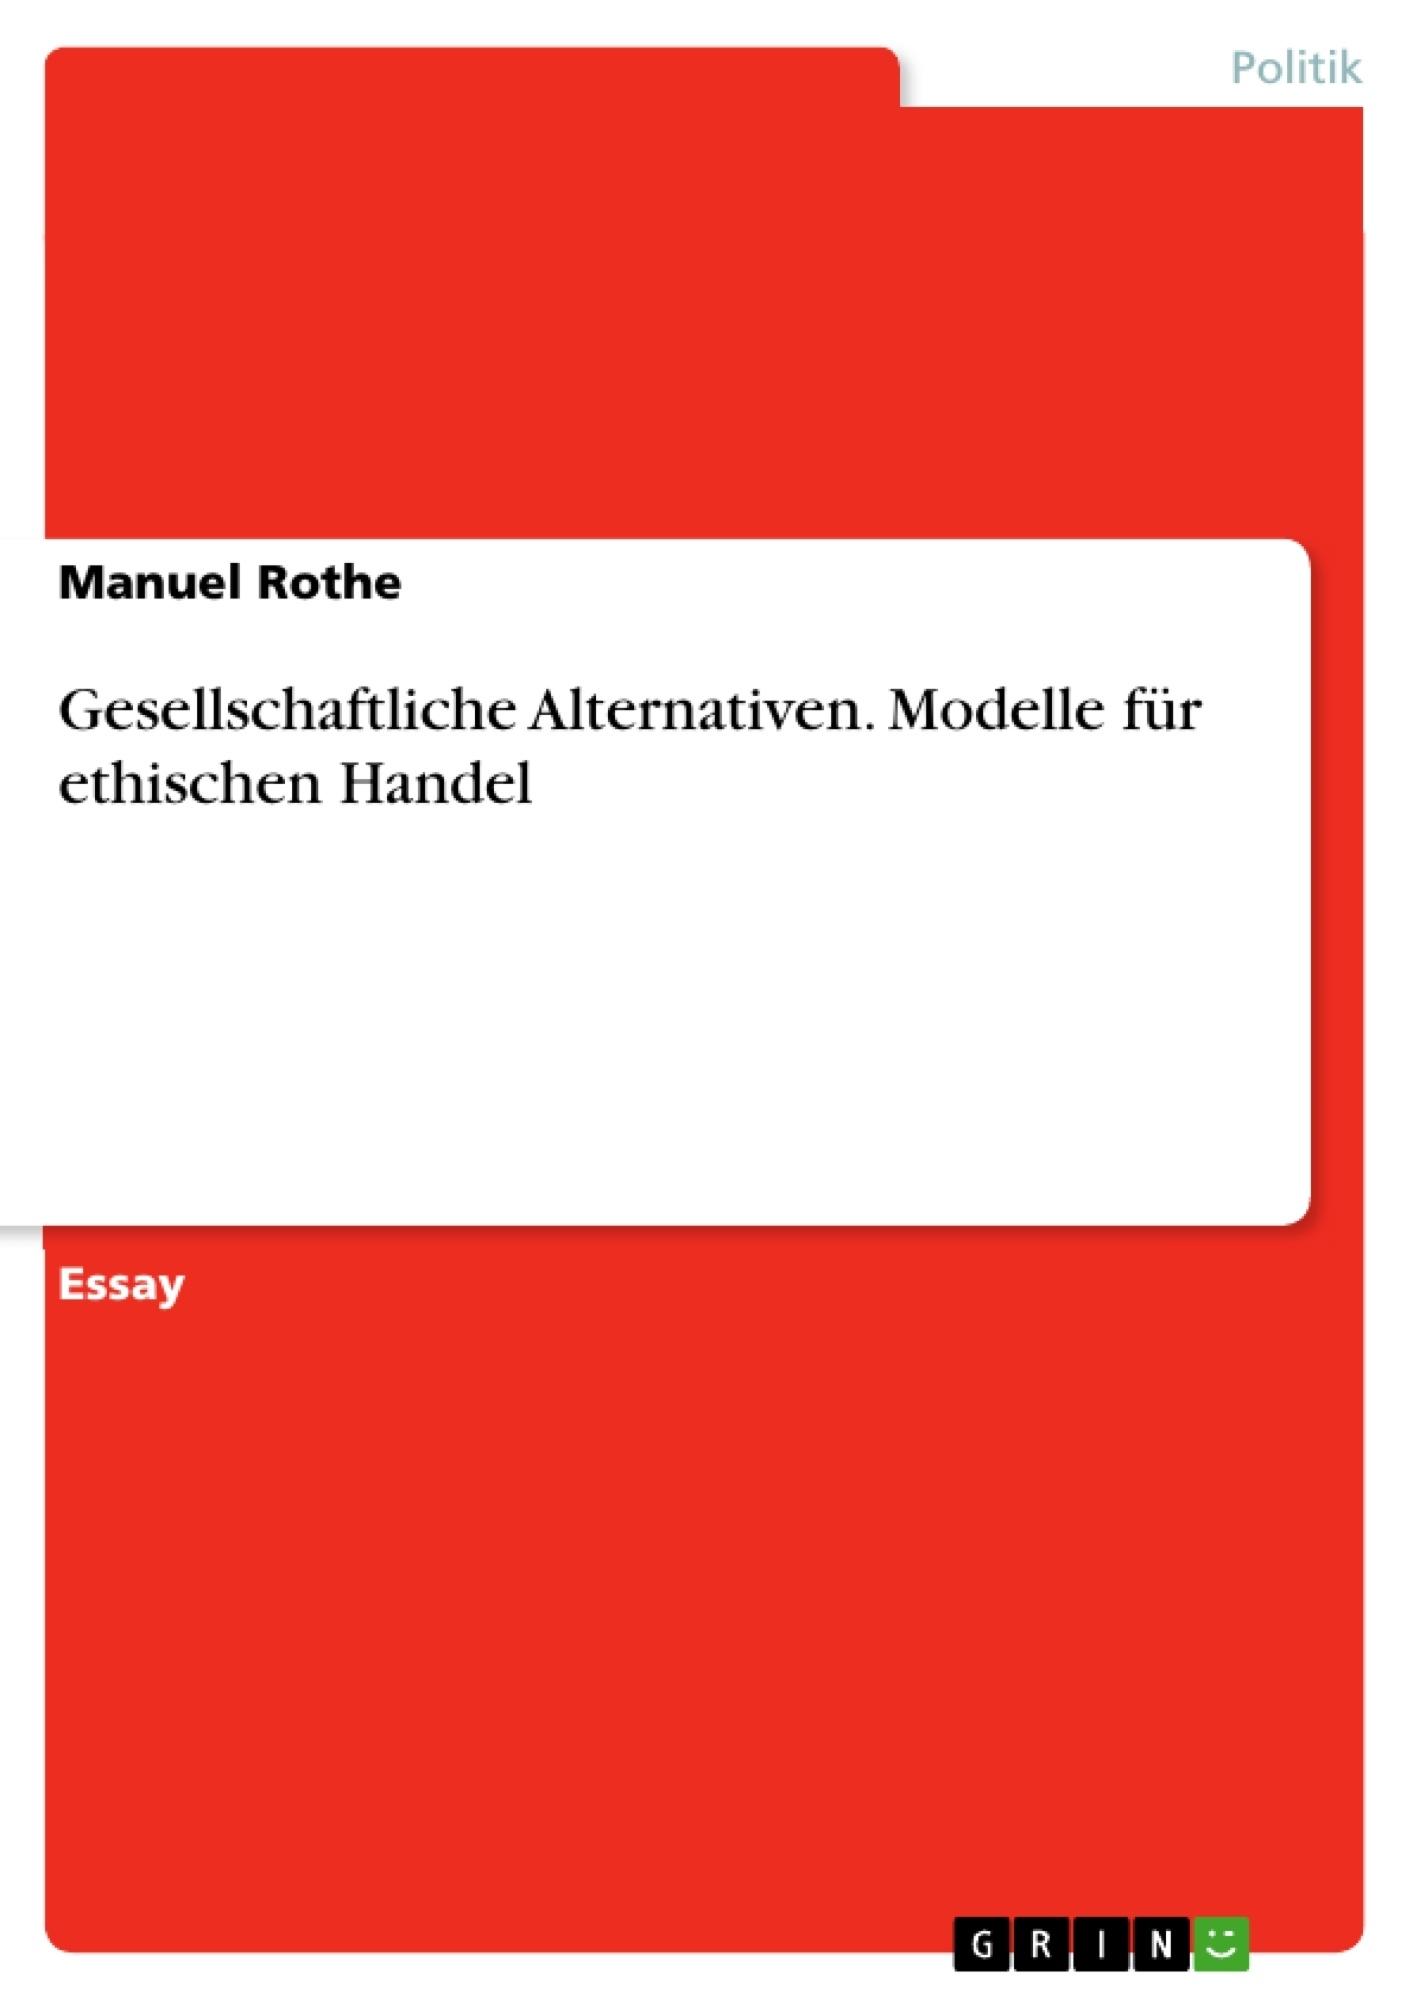 Titel: Gesellschaftliche Alternativen. Modelle für ethischen Handel